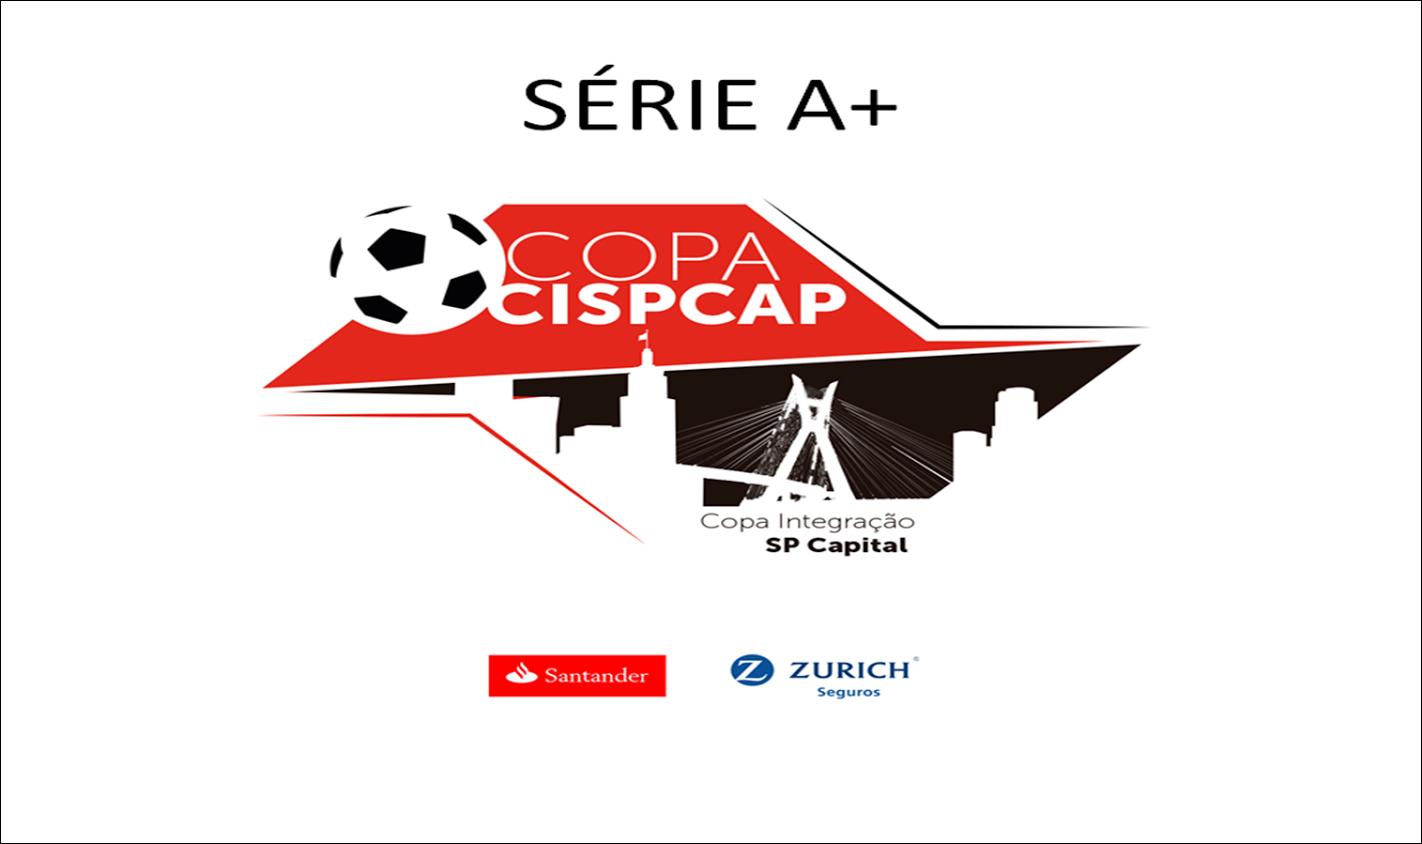 2ª CISPCAP Santander Zurich - Série A+